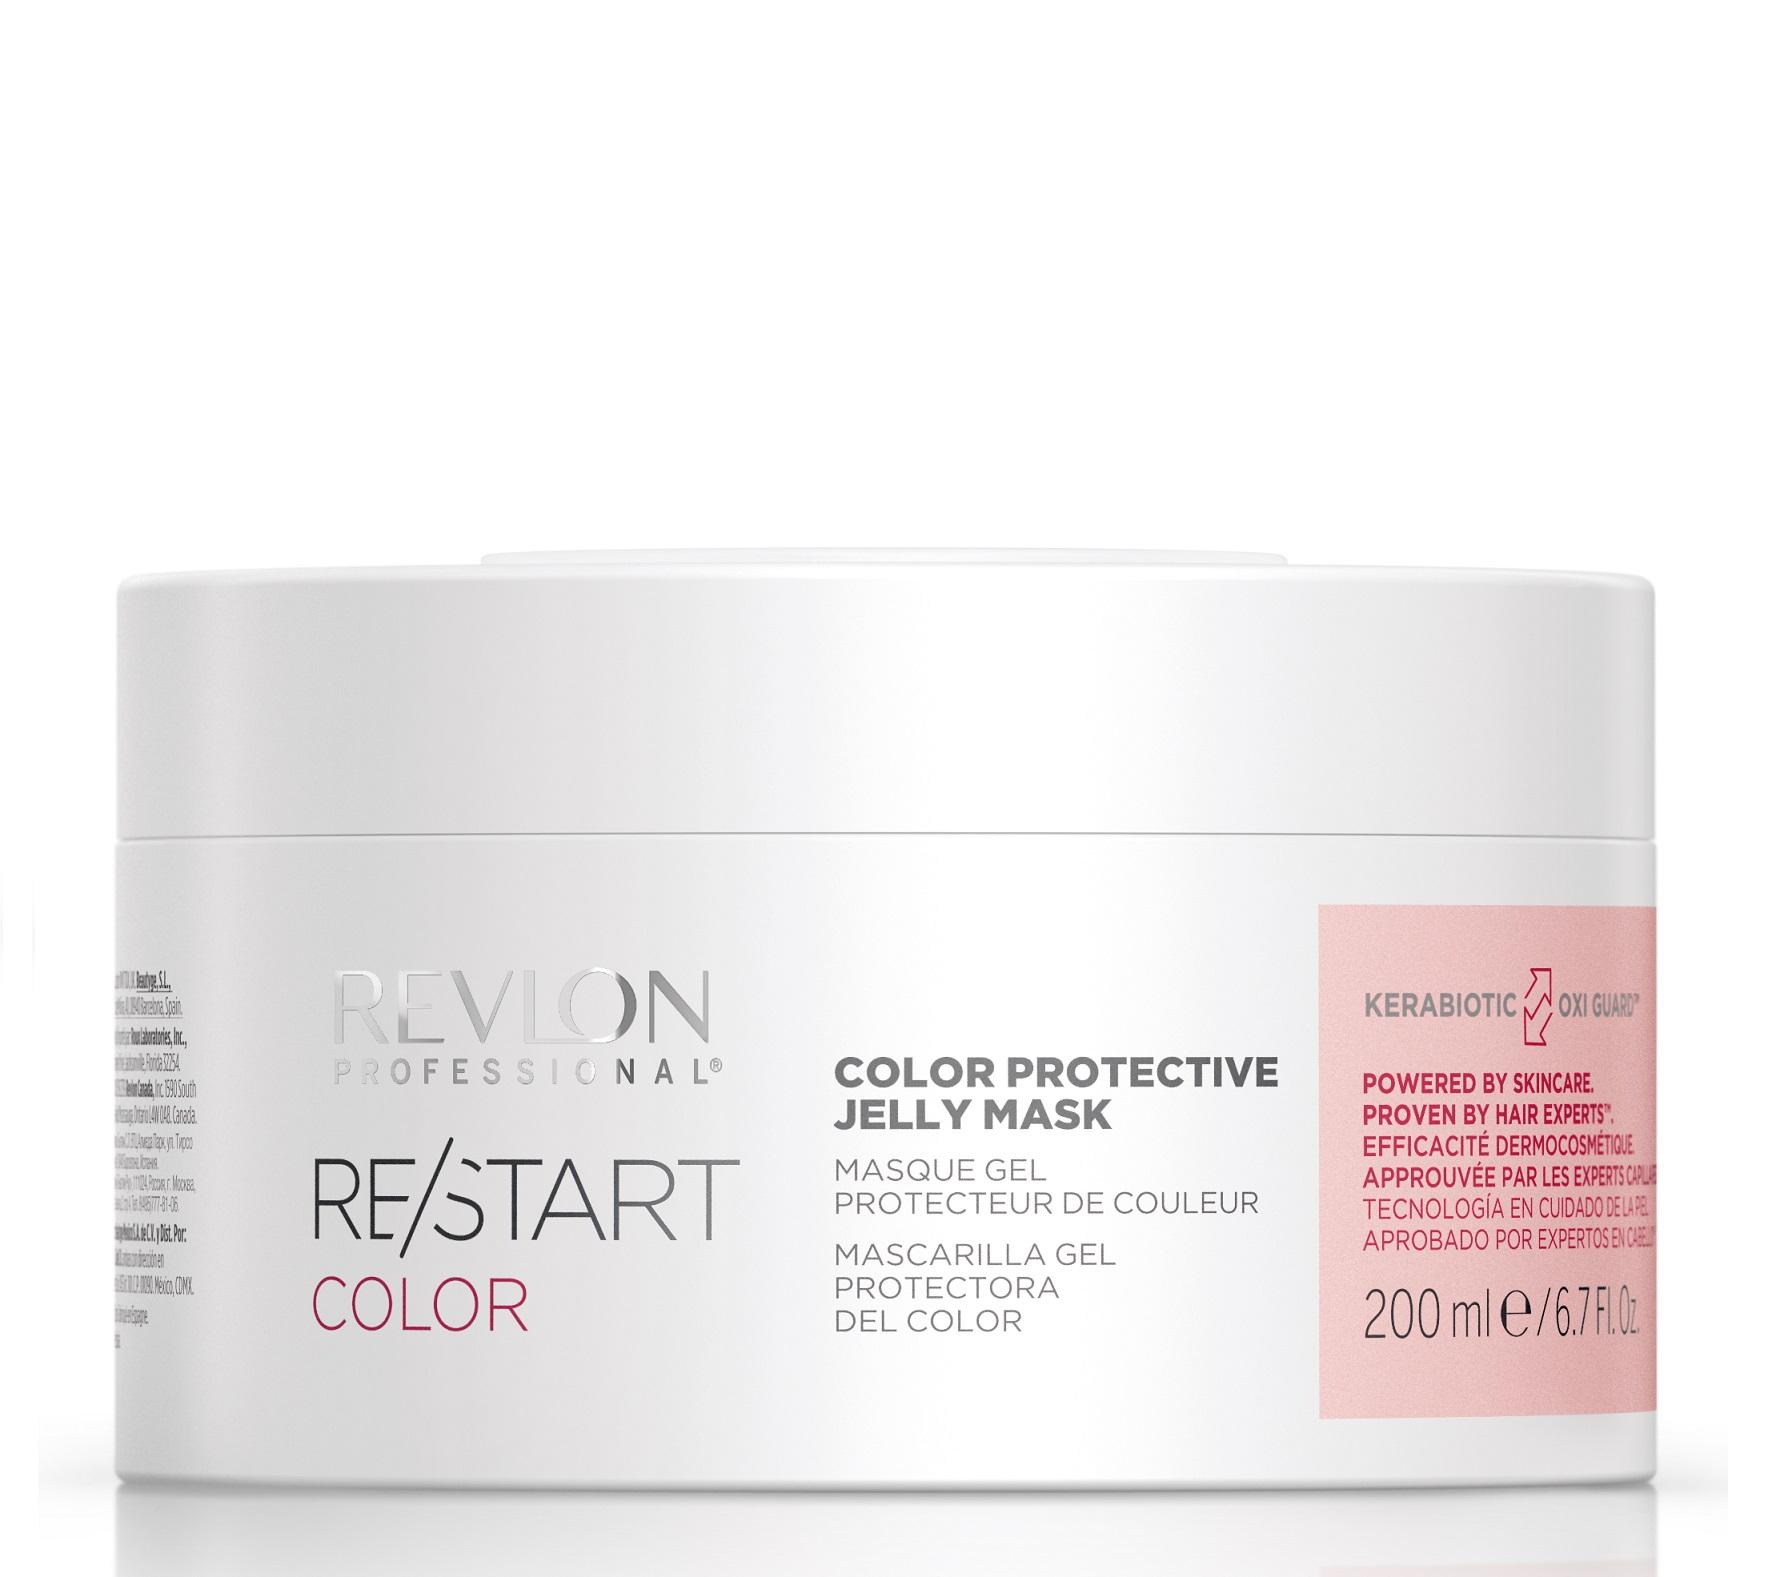 Купить REVLON PROFESSIONAL Гель-маска защитная для окрашенных волос / RESTART COLOR PROTECTIVE JELLY MASK 200 мл